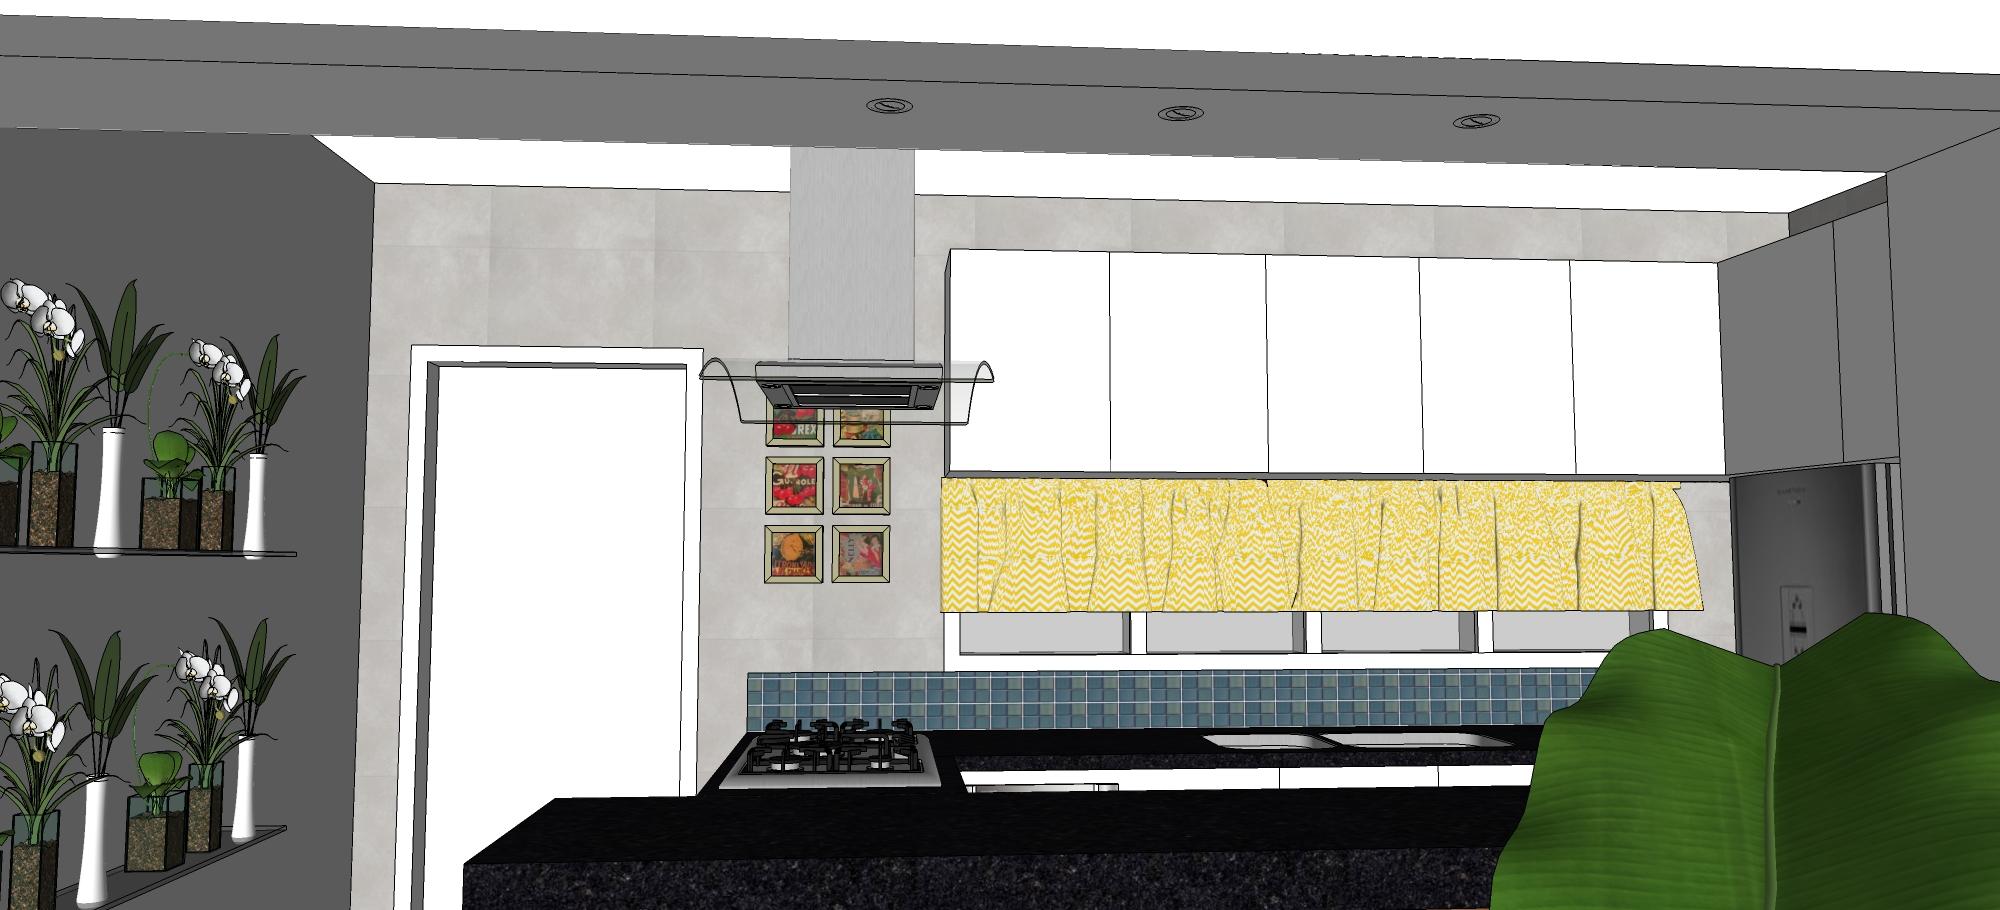 Cozinha vista da sala de jantar. Detalhe dos spots embutidos na caixa  #A58E26 2000x910